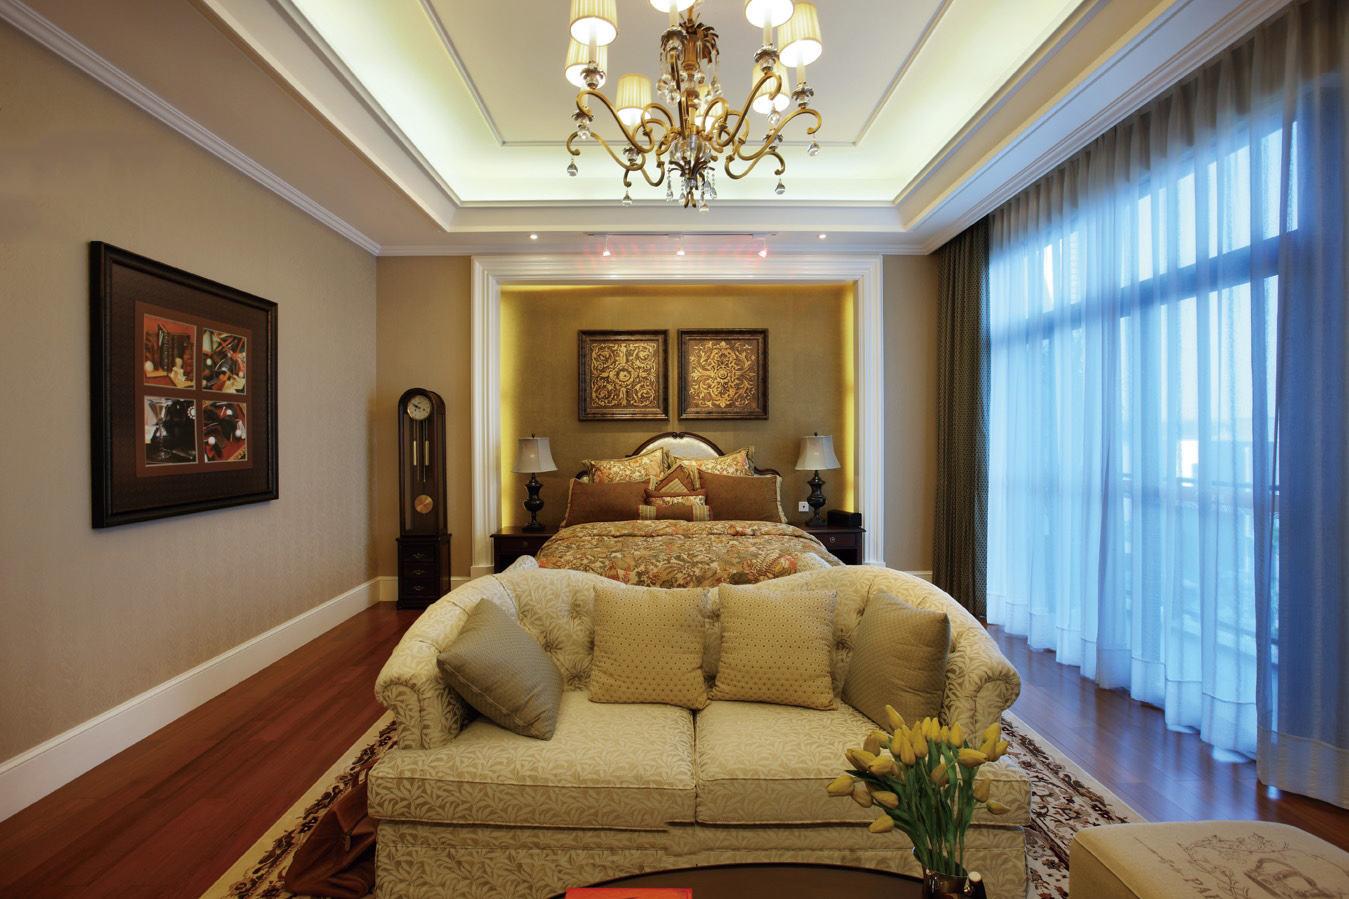 美式装修风格卧室窗帘装饰图